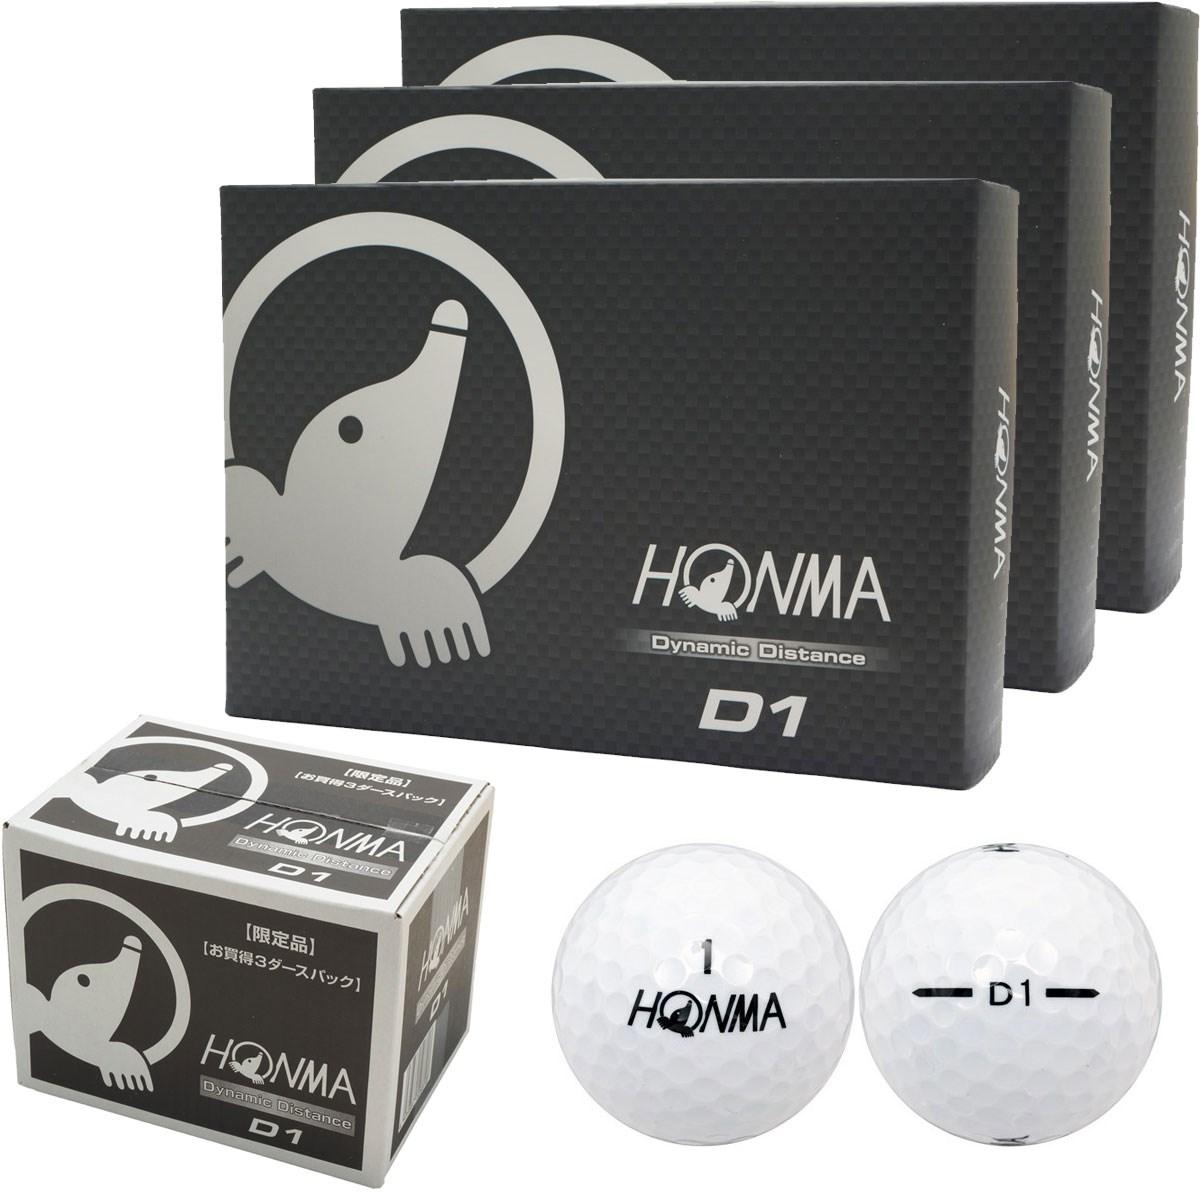 本間ゴルフ HONMA D1 ボール 2016年モデル 3ダースセット 3ダース(36個入り) マルチ/ホワイト